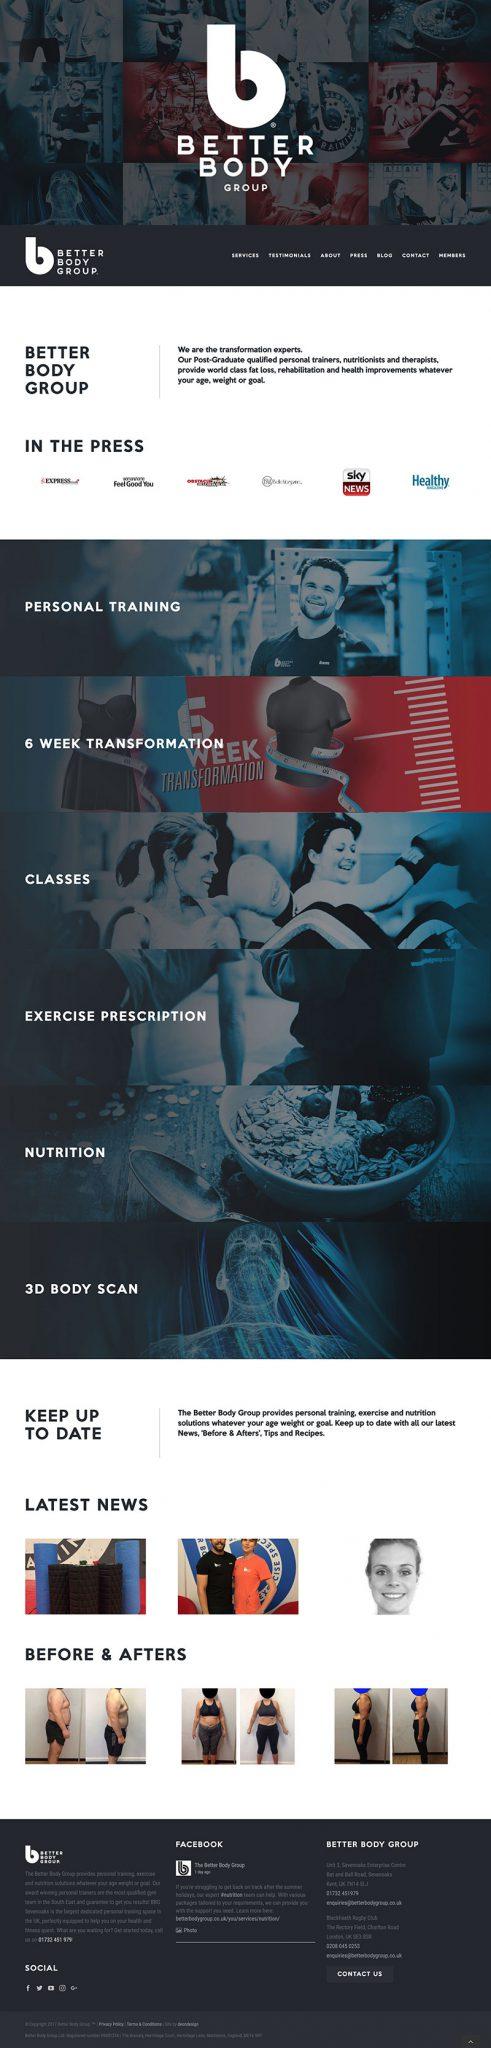 deon-design-better-body-group-website-design-full